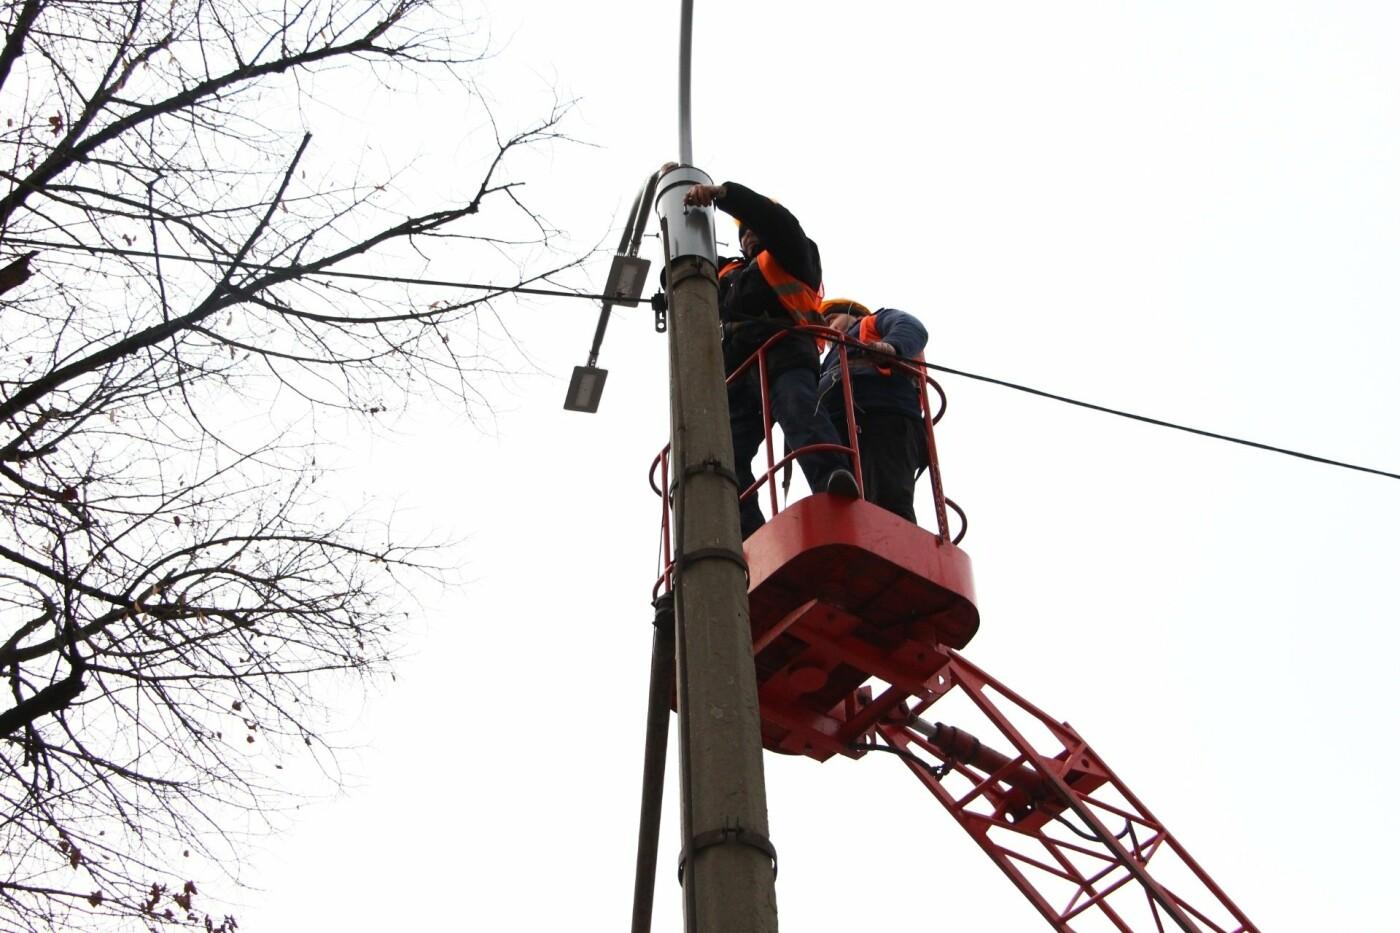 В Запорожье на главном проспекте меняют фонари на энергосберегающие, - ФОТО, фото-4